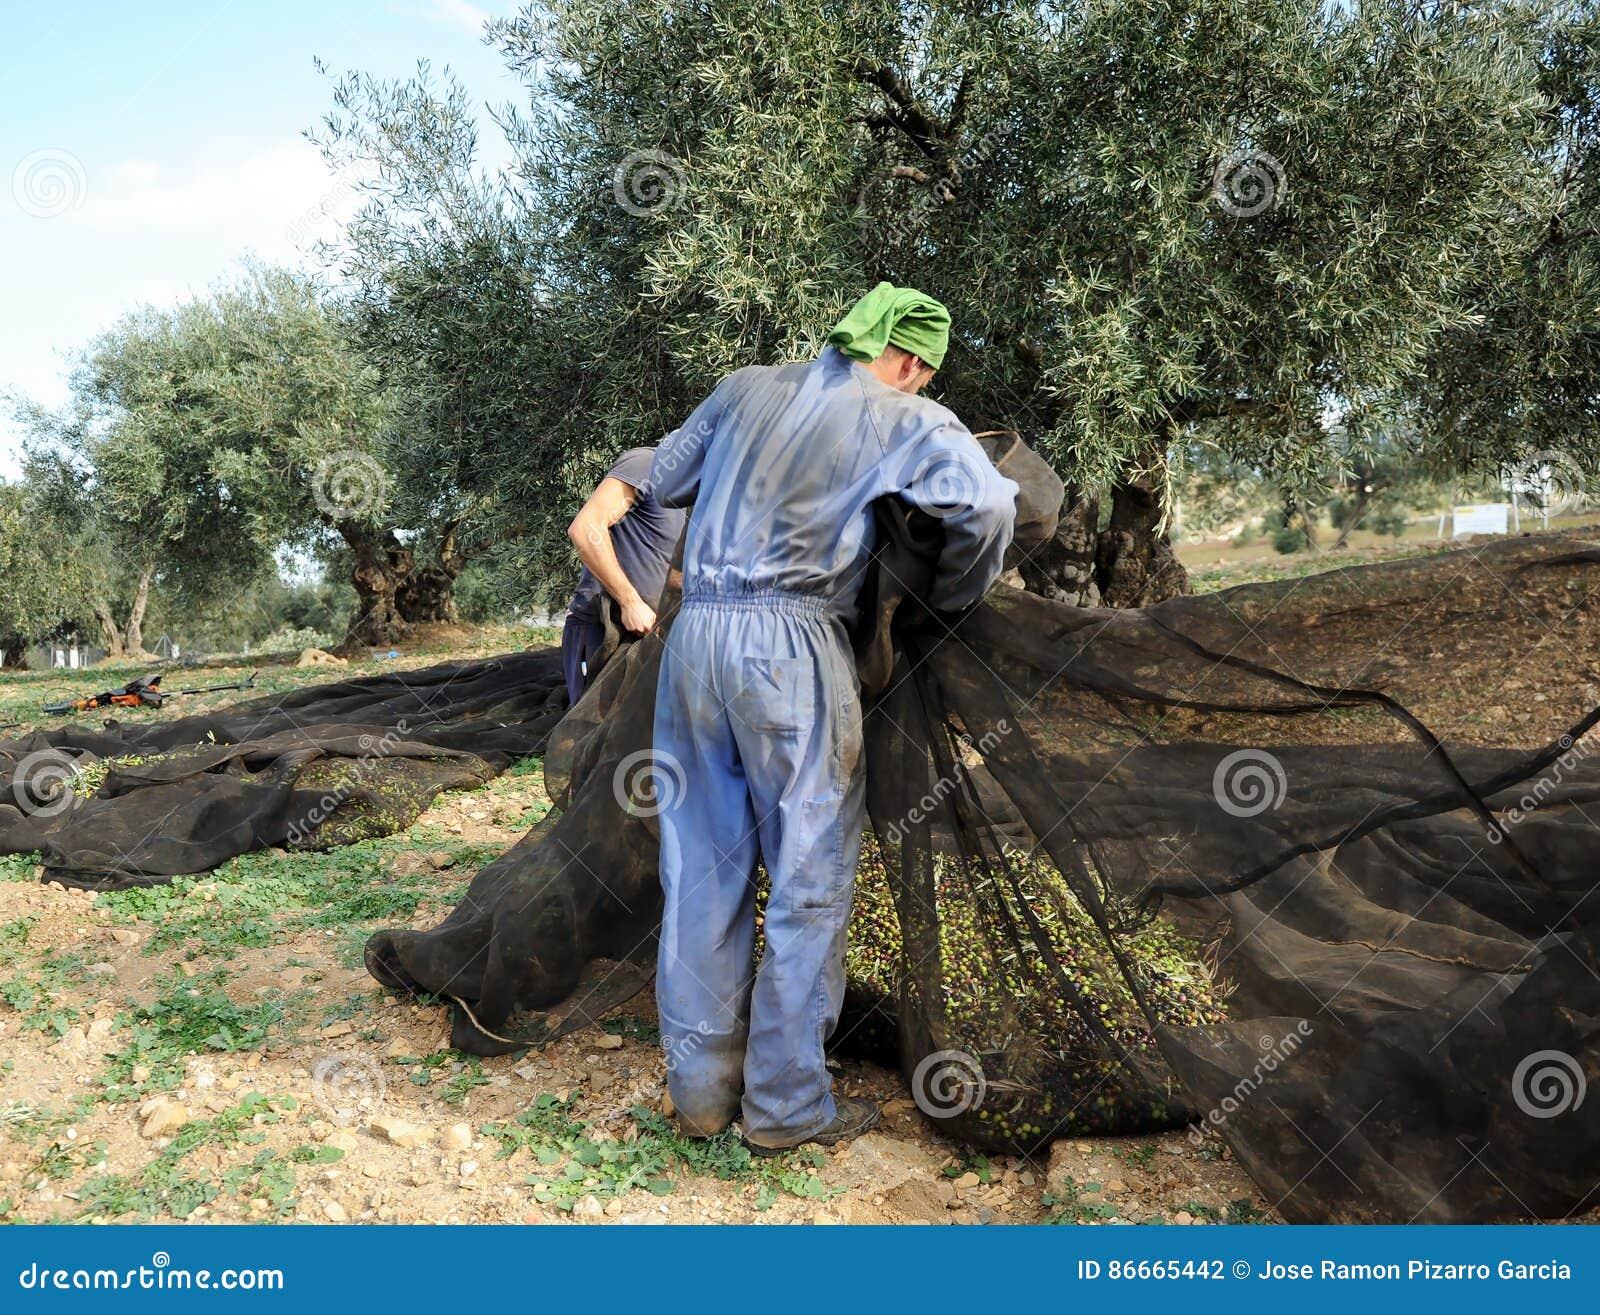 Raccolto tradizionale di di olivo a mano in Andalusia, Spagna